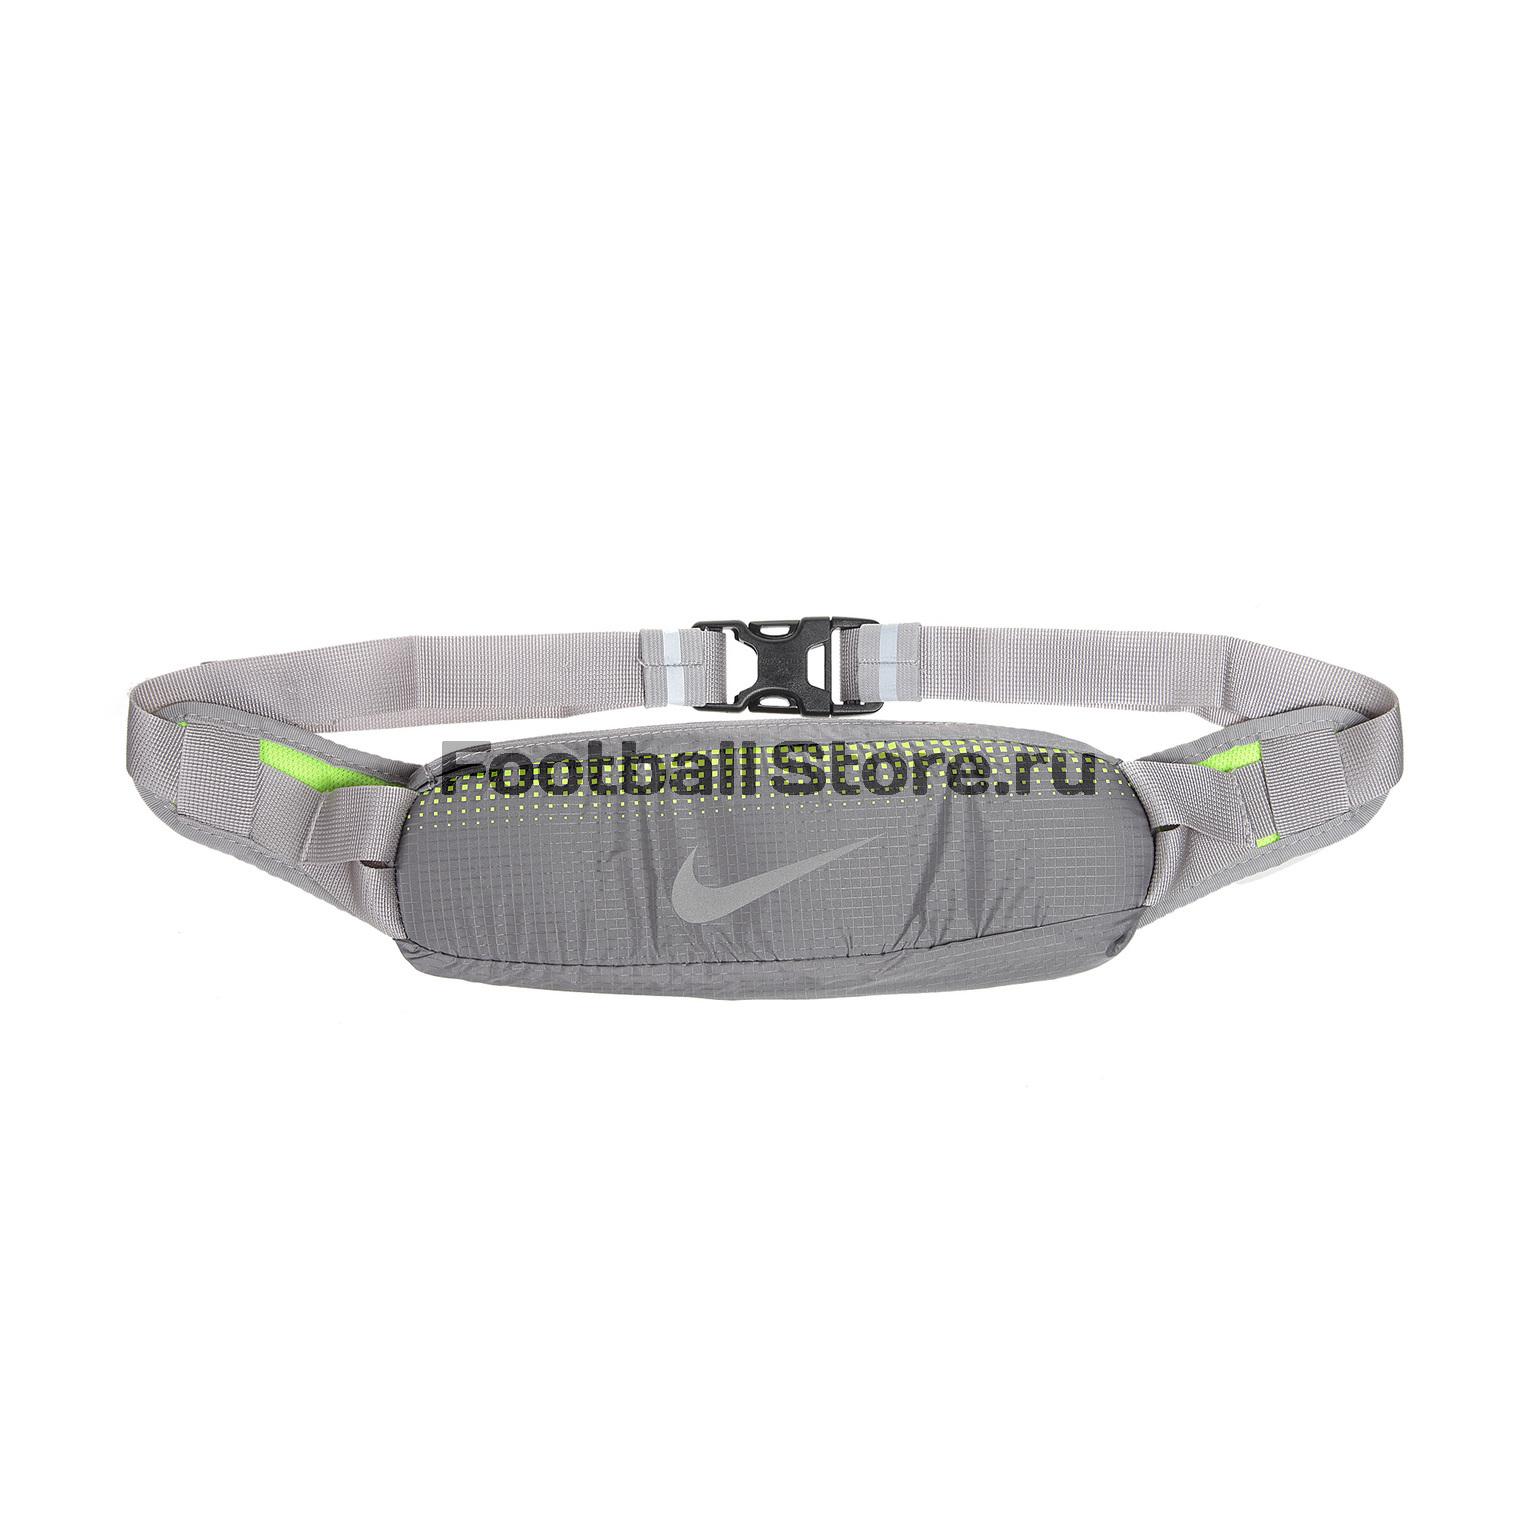 Сумки/Рюкзаки Nike Сумка на пояс Nike Storm 2.0 Slim Waistpack N.RL.39.030.OS nike сумка на пояс женская nike